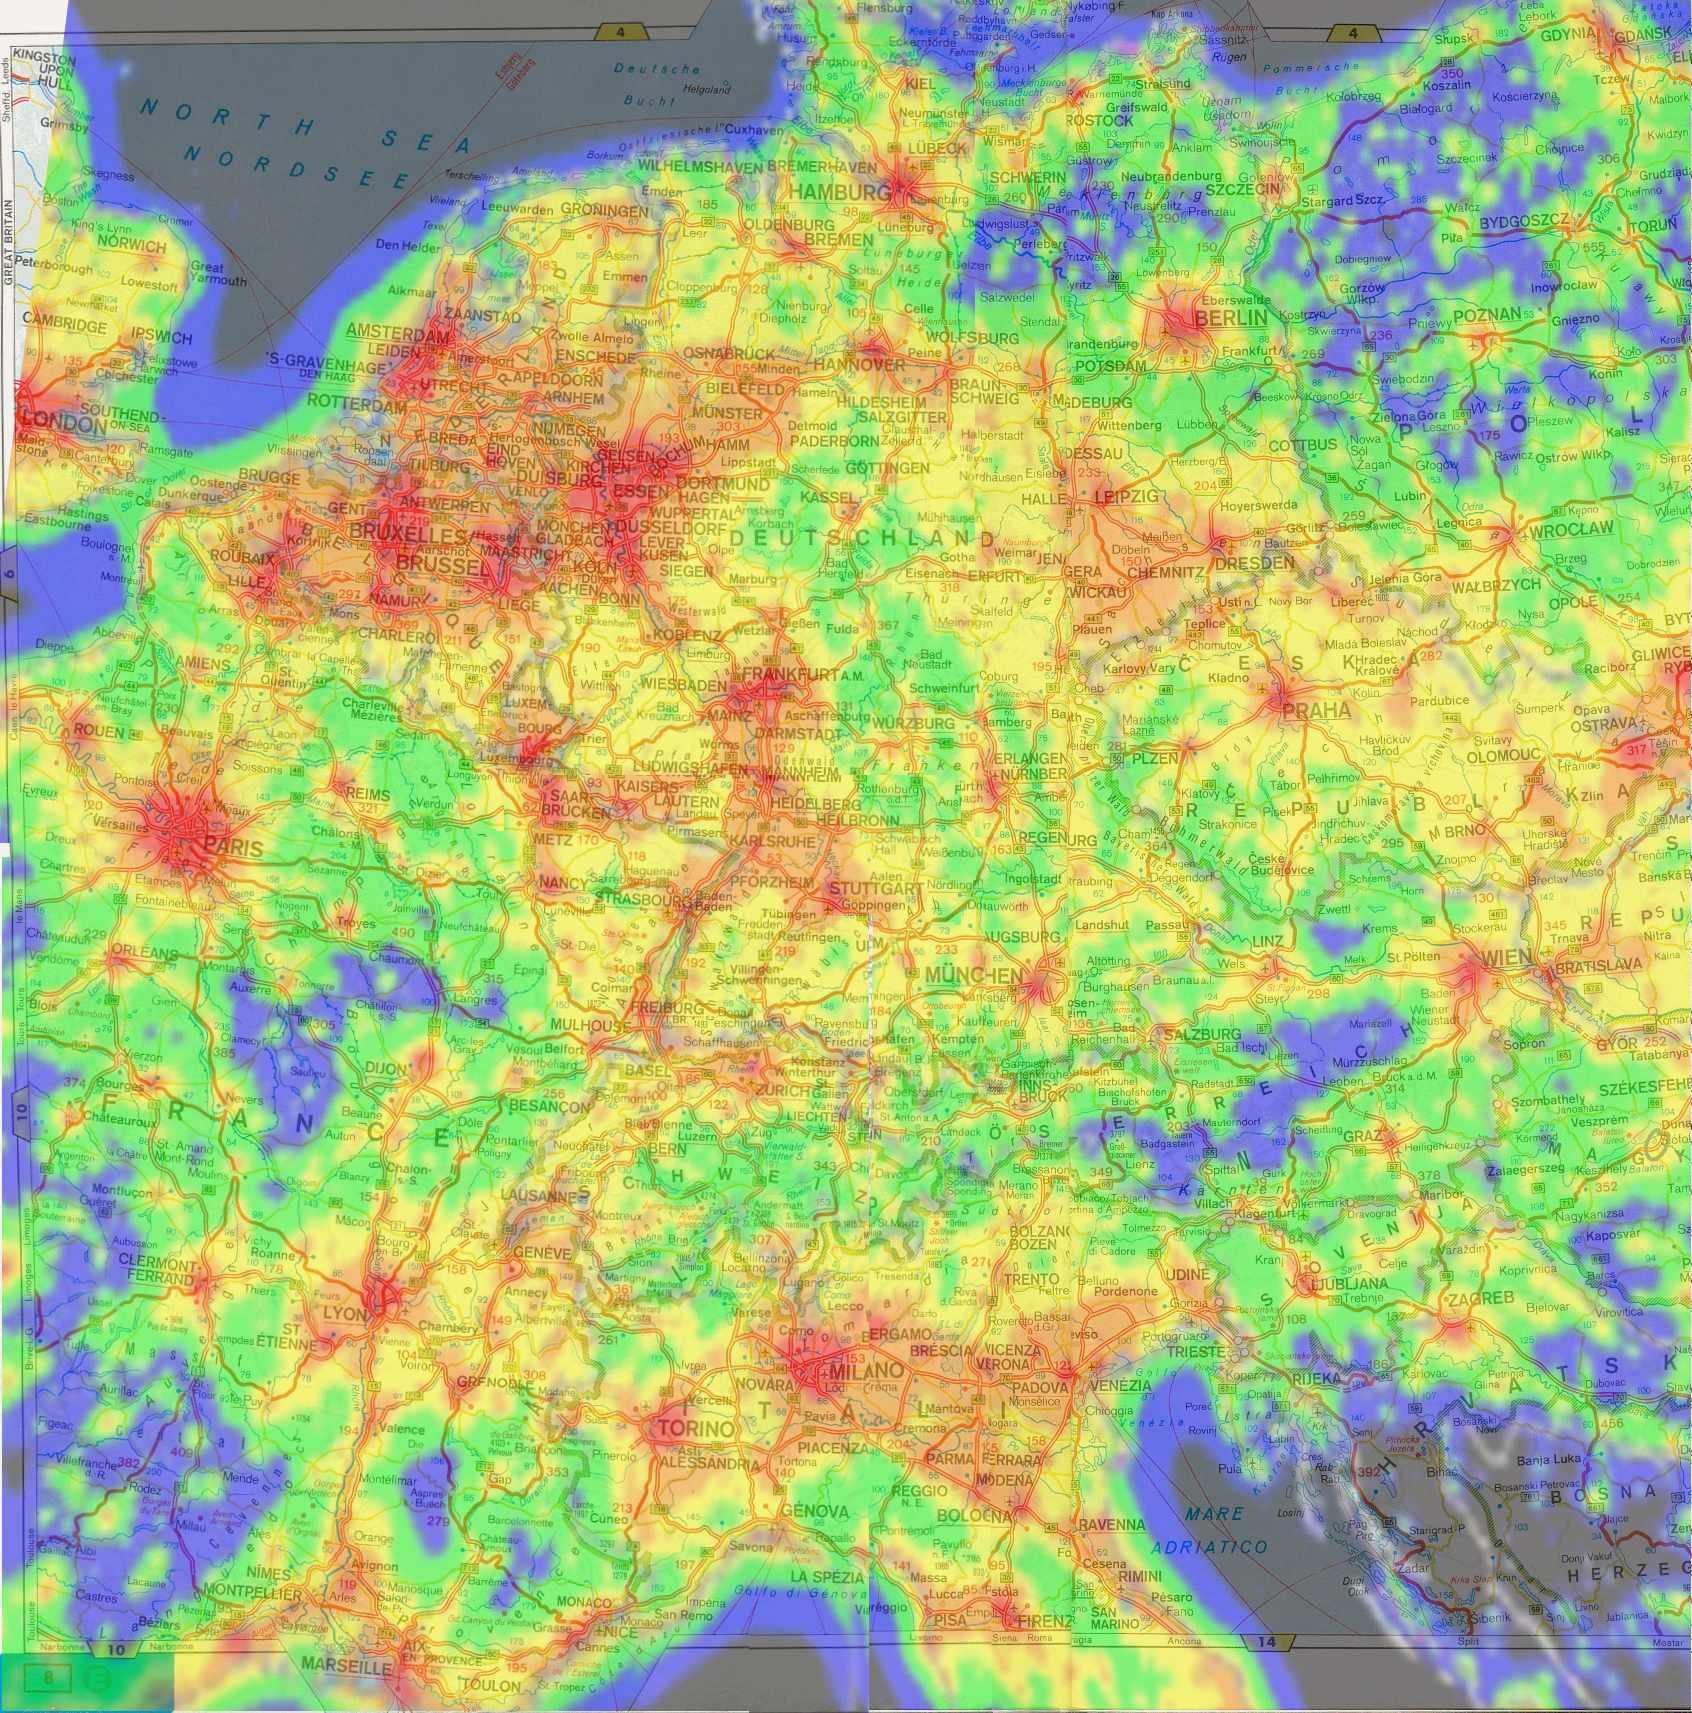 http://www.astrode.de/lightpol.jpg